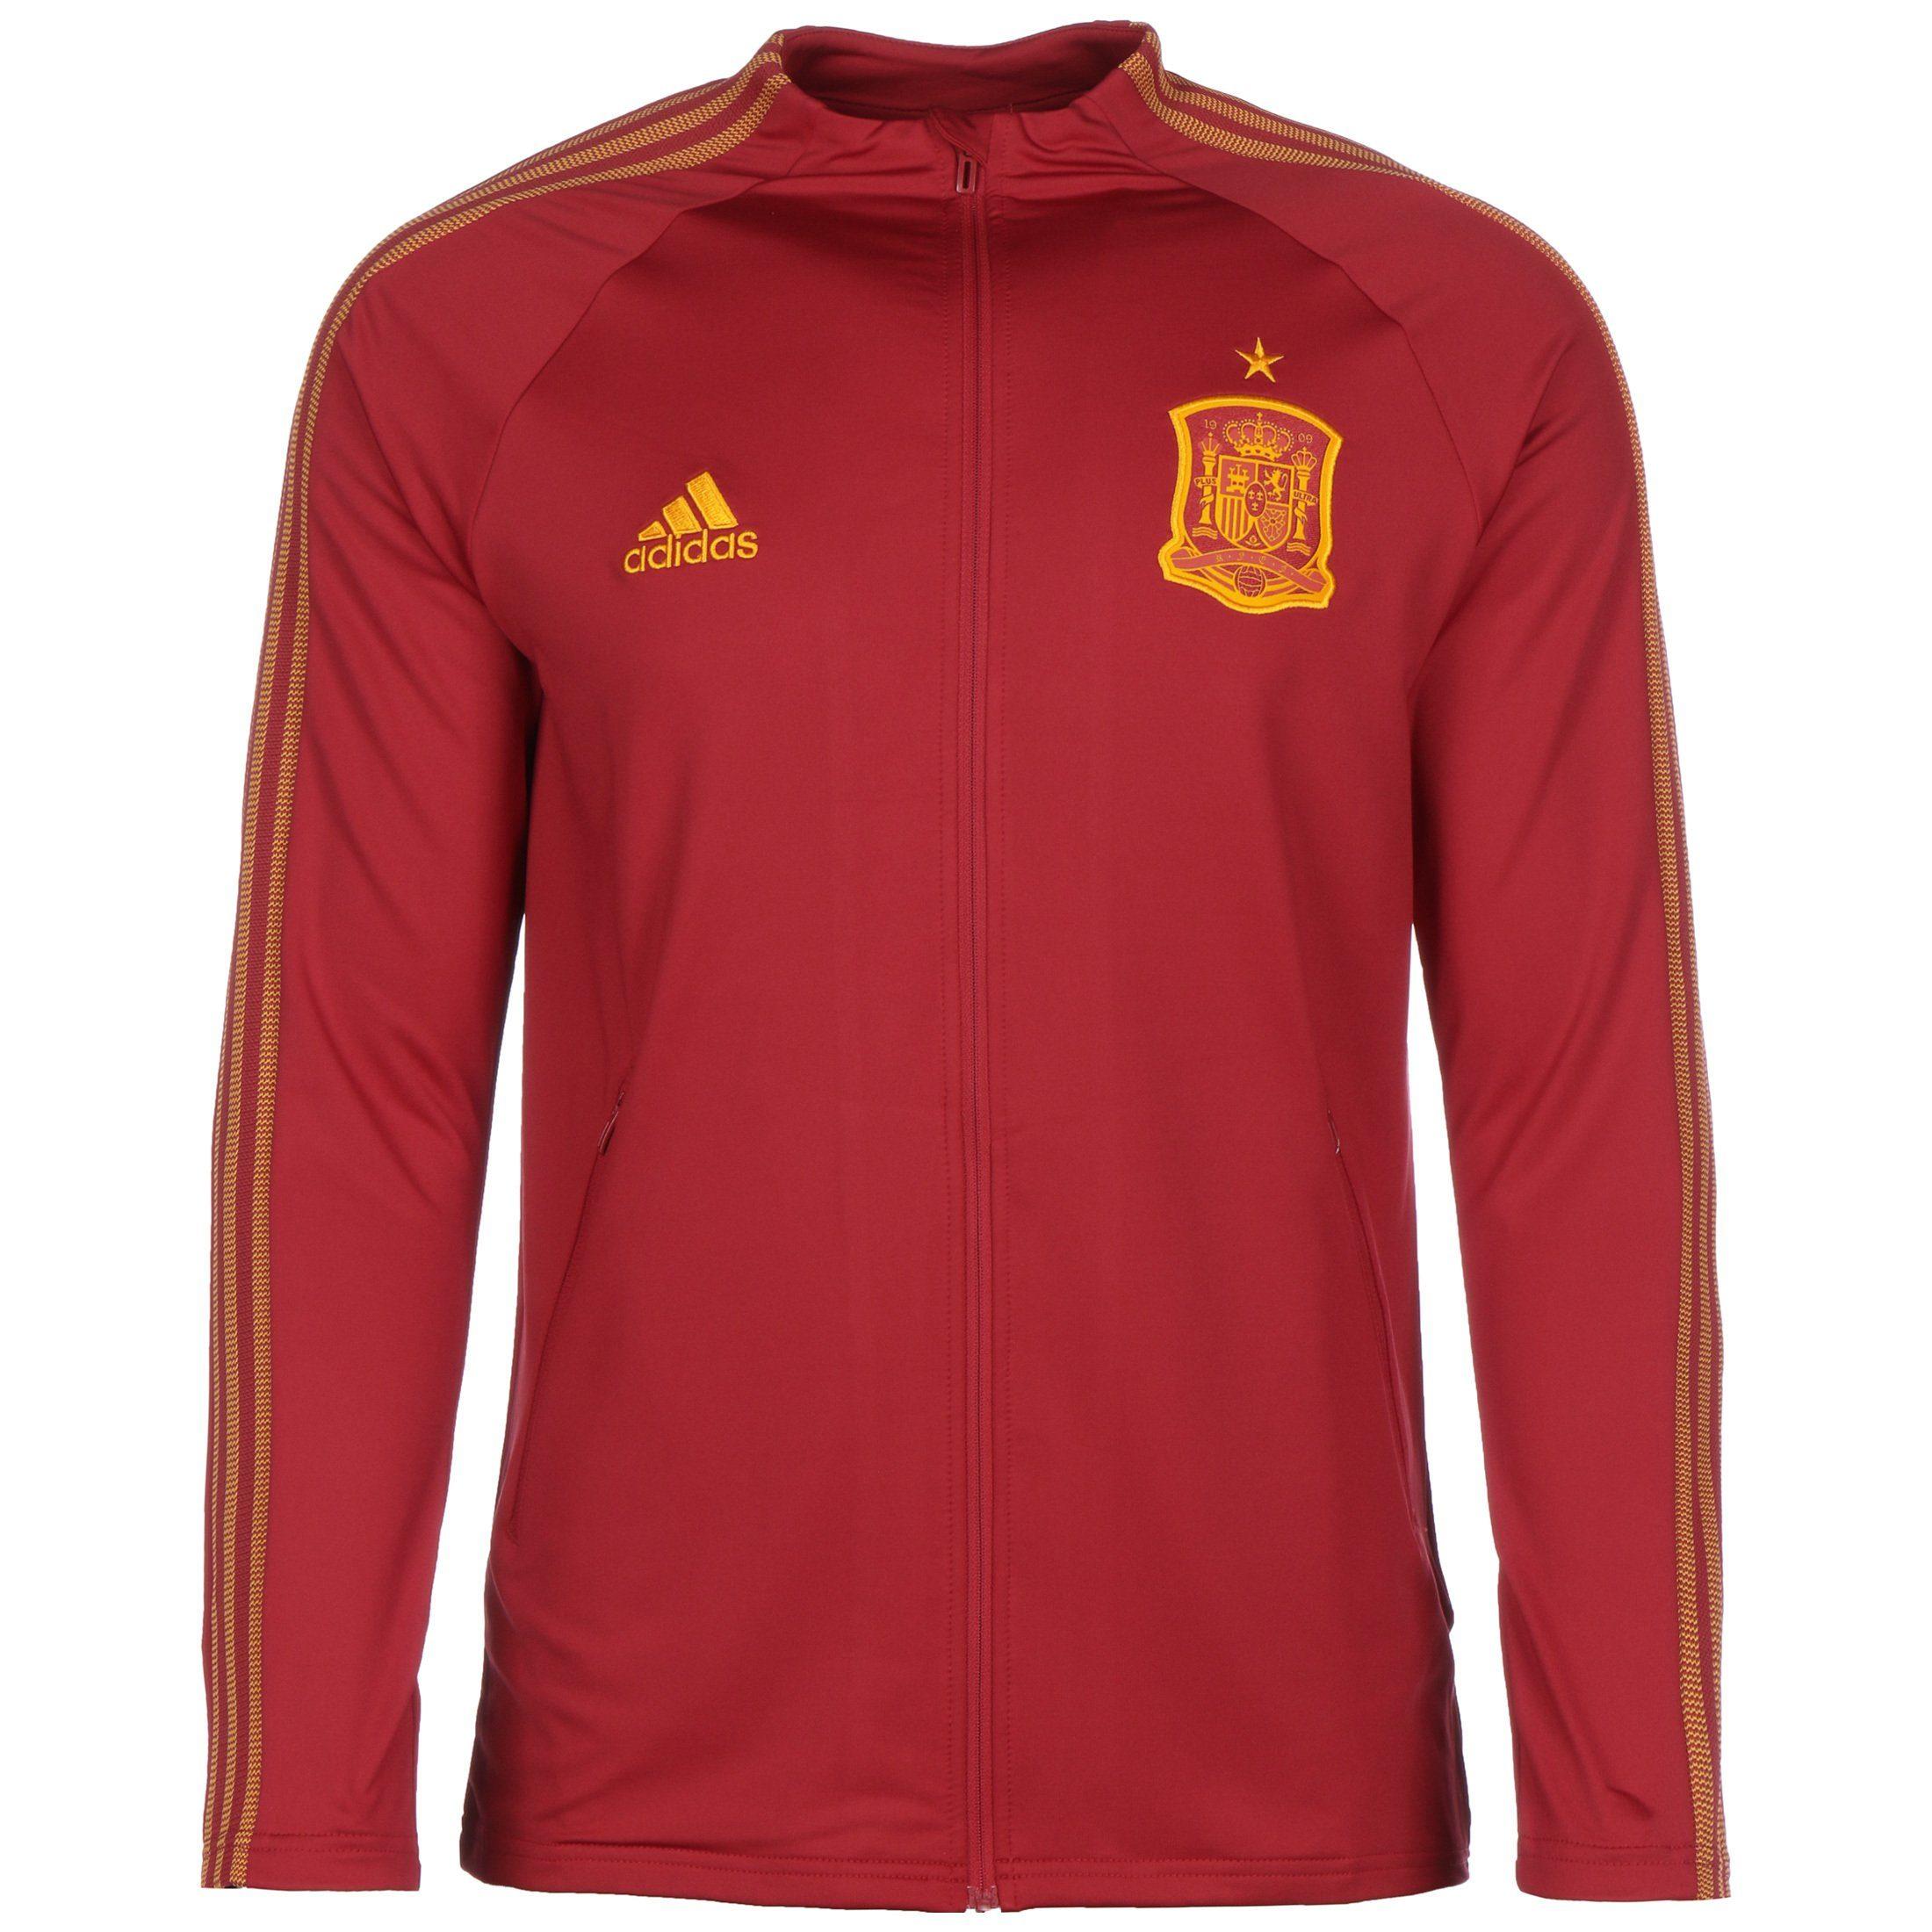 adidas Performance Sweatjacke »Fef Spanien Anthem Em 2020« online kaufen | OTTO